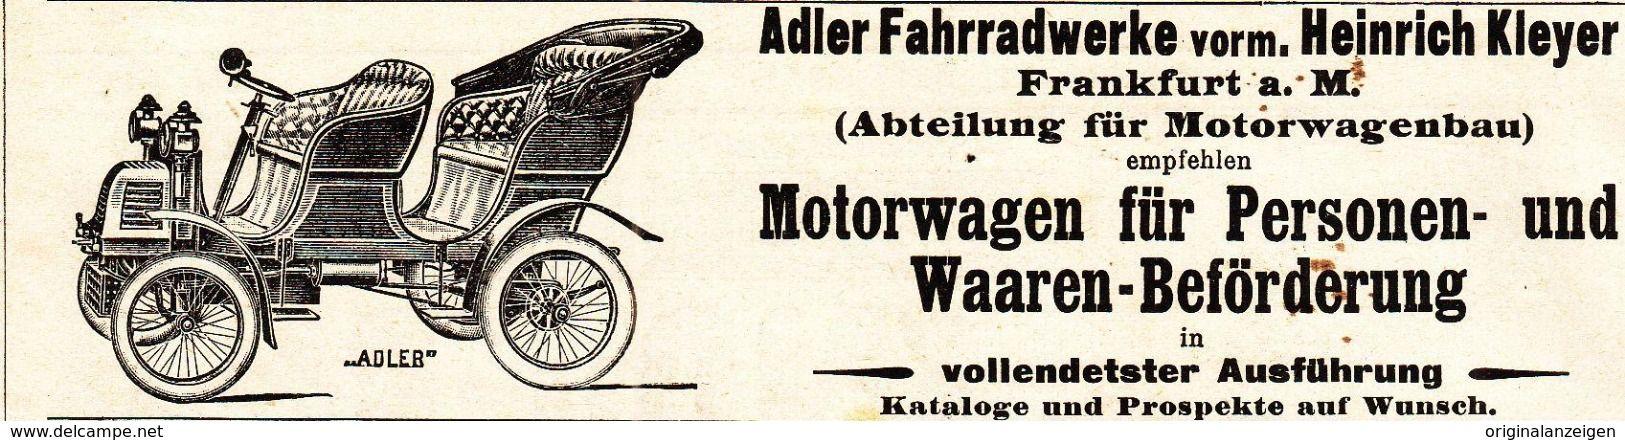 Werbung - Original-Werbung/ Anzeige 1901 - MOTORWAGEN / ADLER VORM. KLEYER - FRANKFURT a.M - ca. 135 x 35 mm